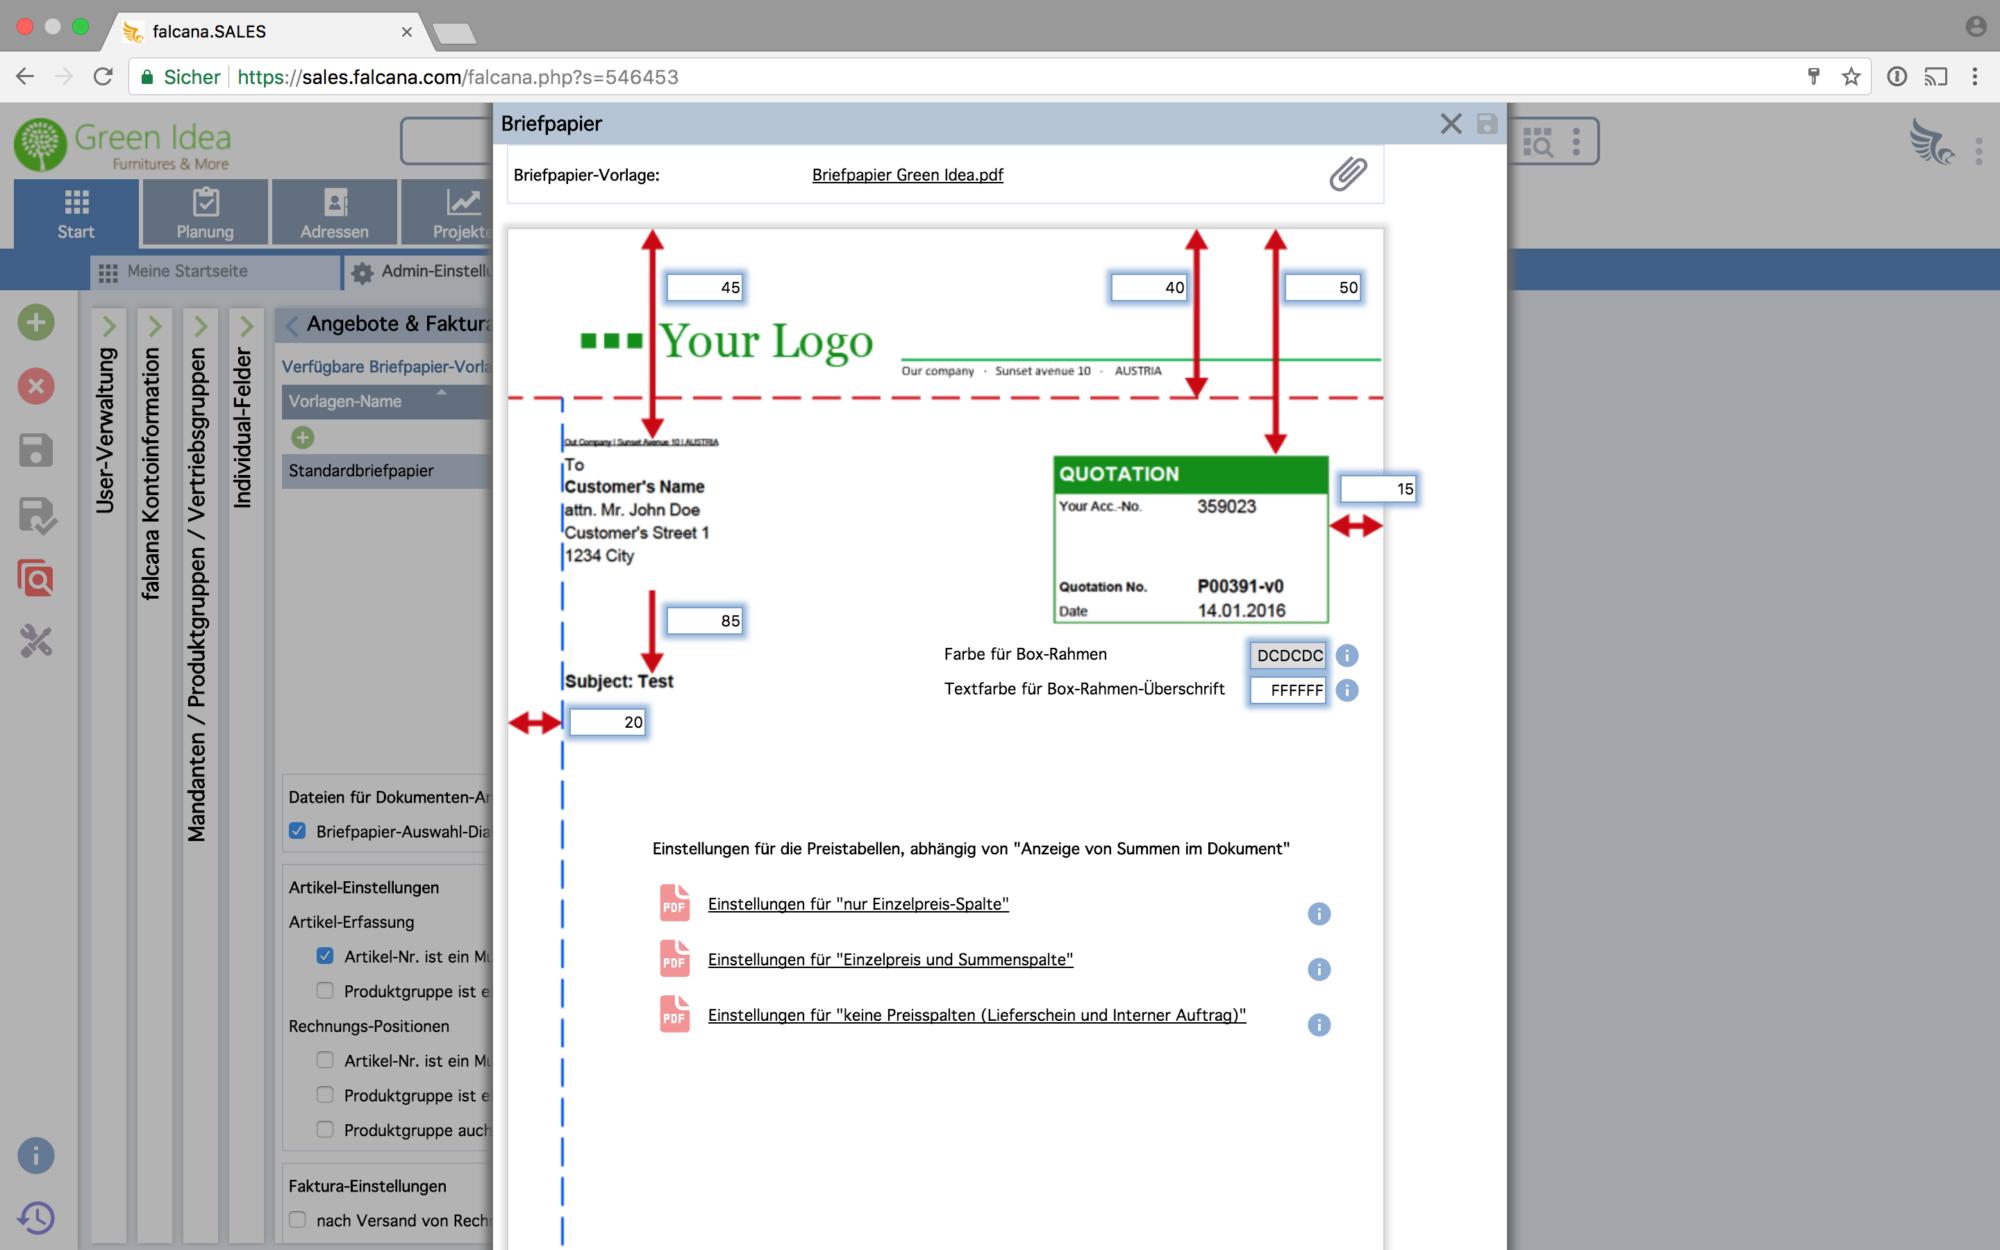 Software Für Projektmanagement Und Angebote Falcanasales